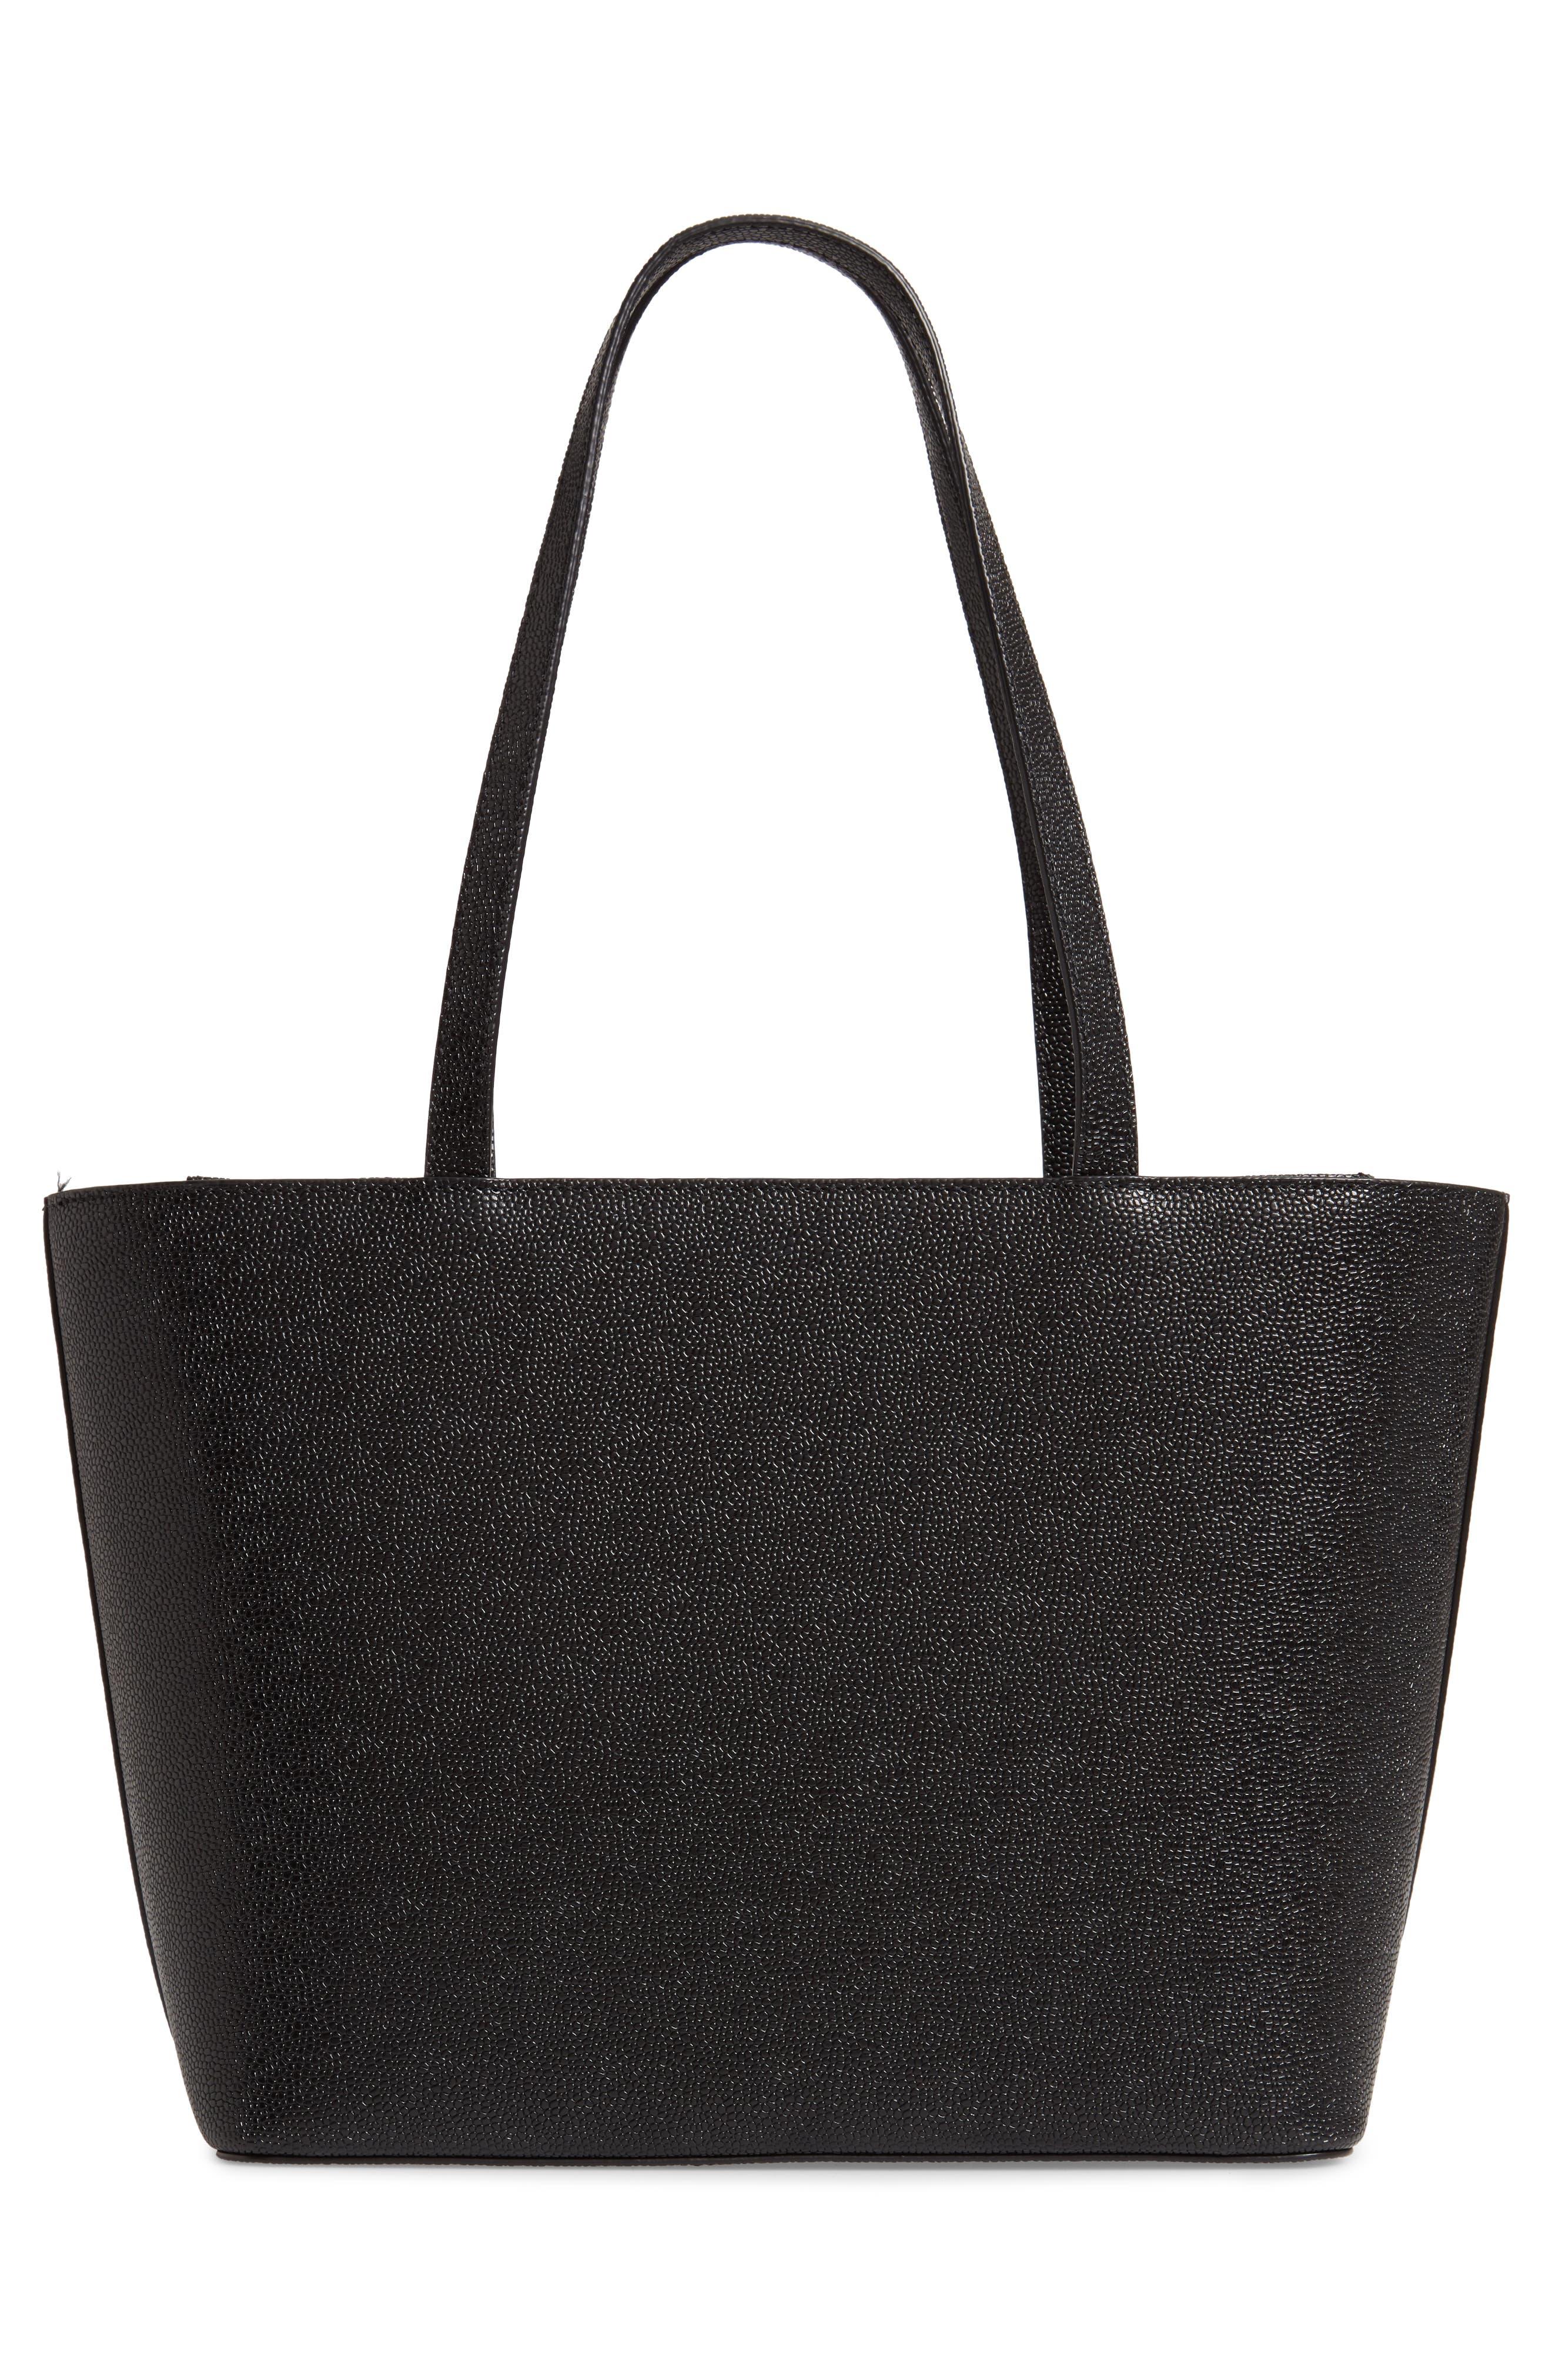 JJesica Leather Shopper,                             Alternate thumbnail 3, color,                             BLACK